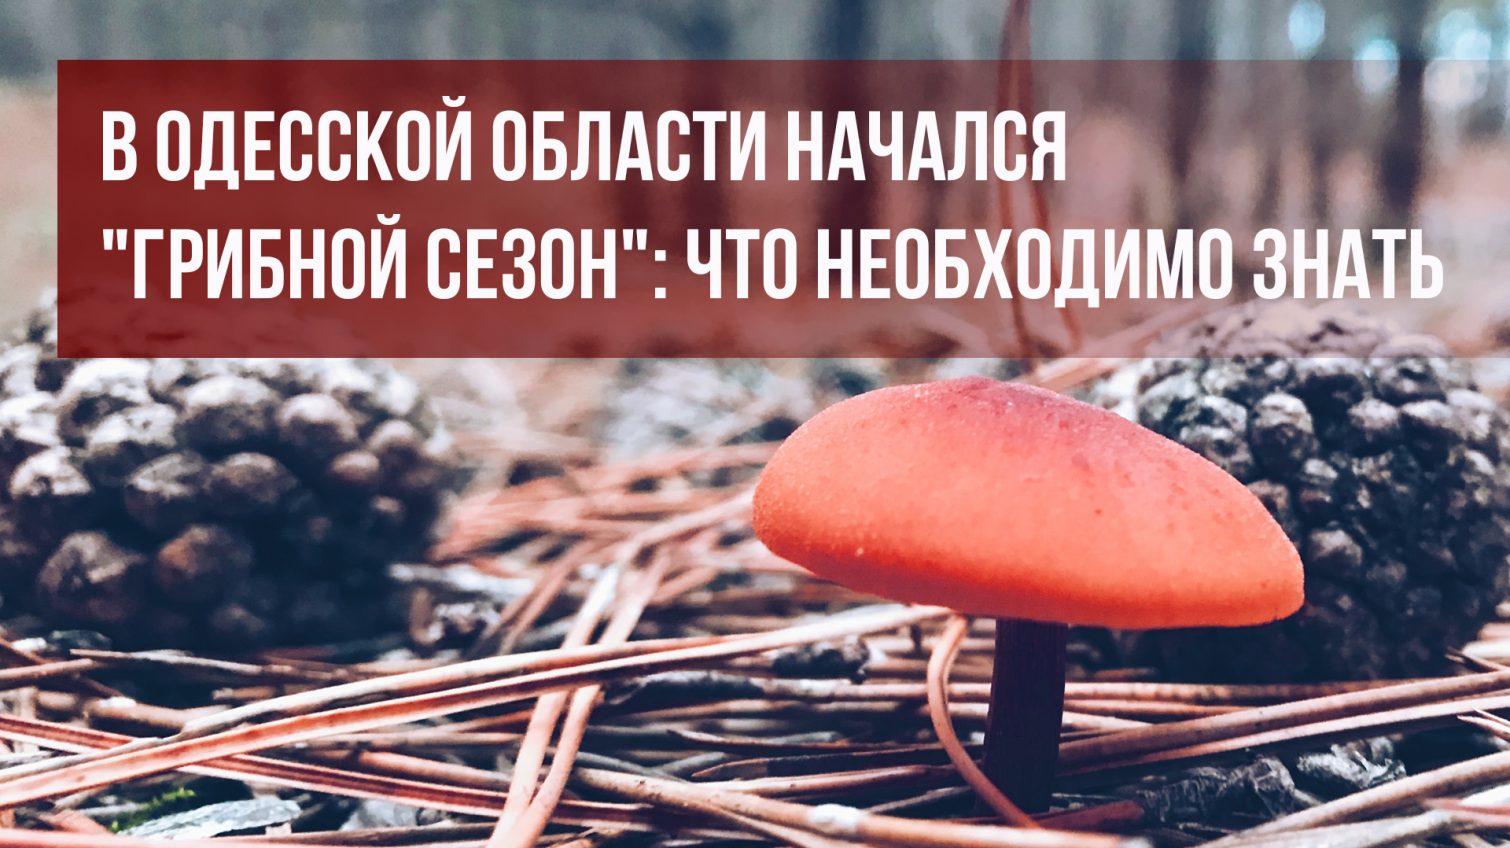 В Одесской области начался грибной сезон: что необходимо знать (фото) «фото»